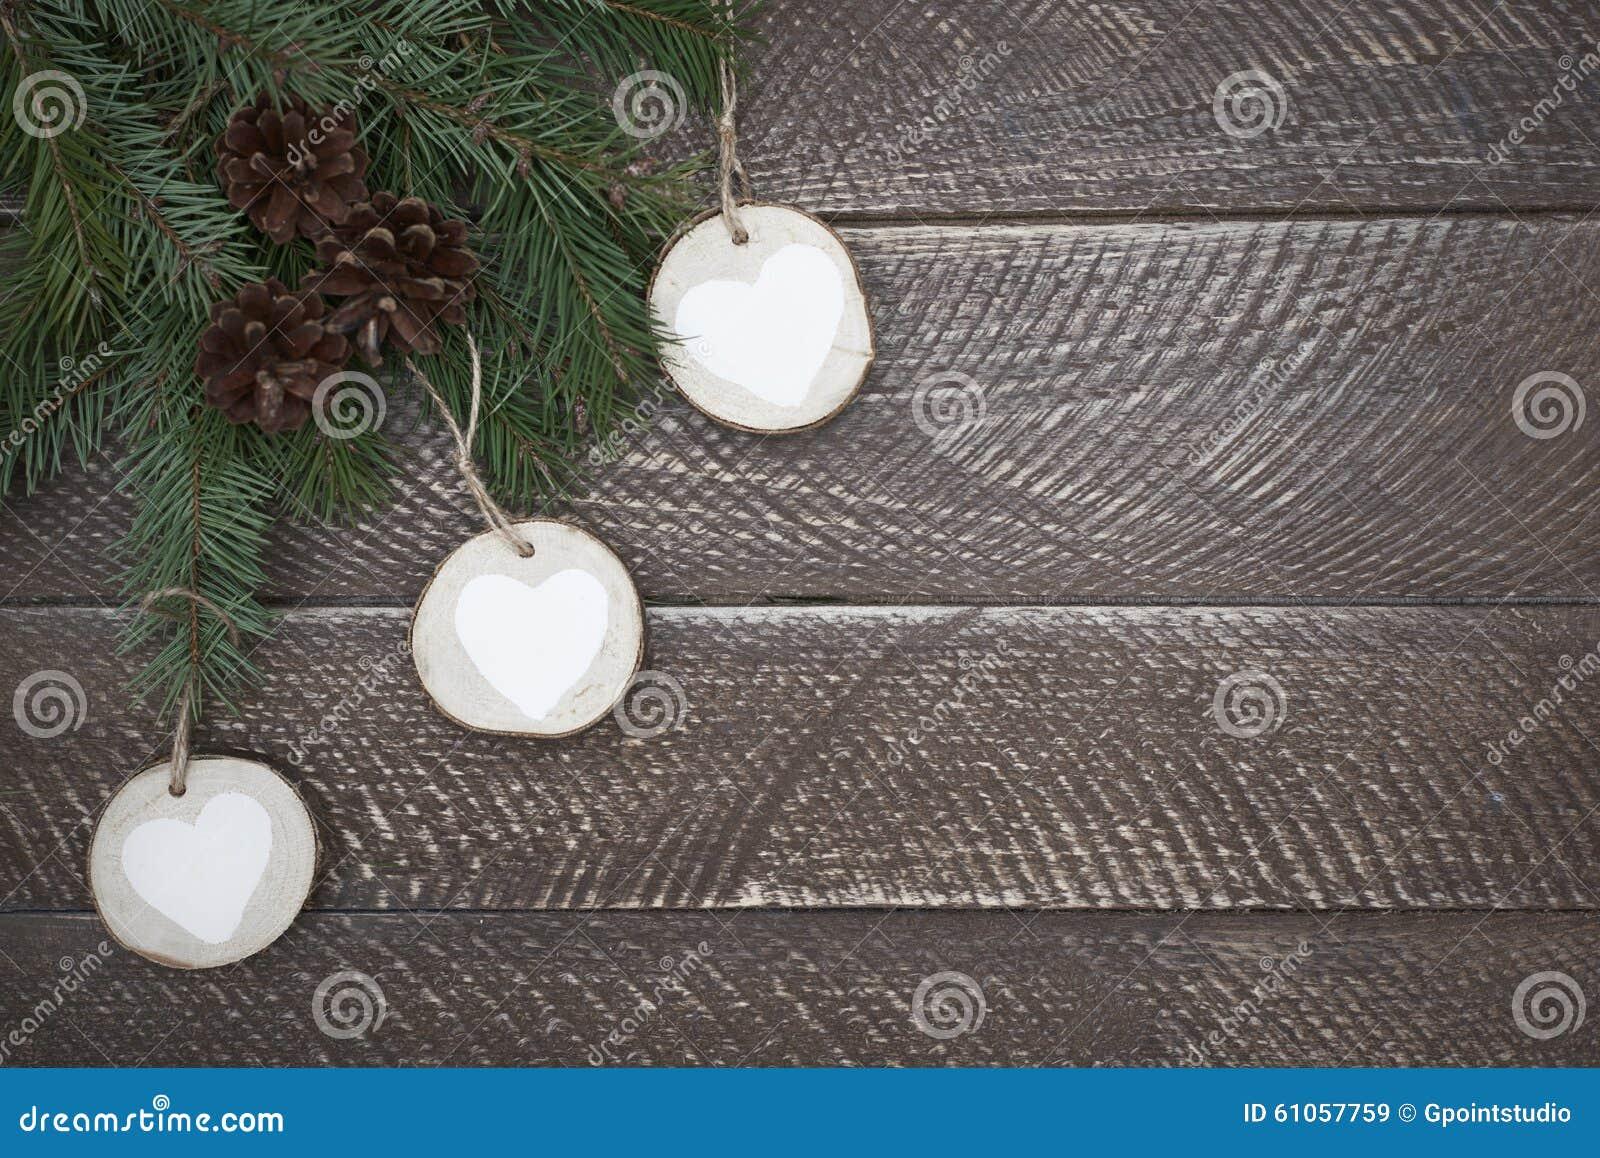 De decoratie van kerstmis stock afbeelding afbeelding bestaande uit viering 61057759 - Foto van decoratie ...